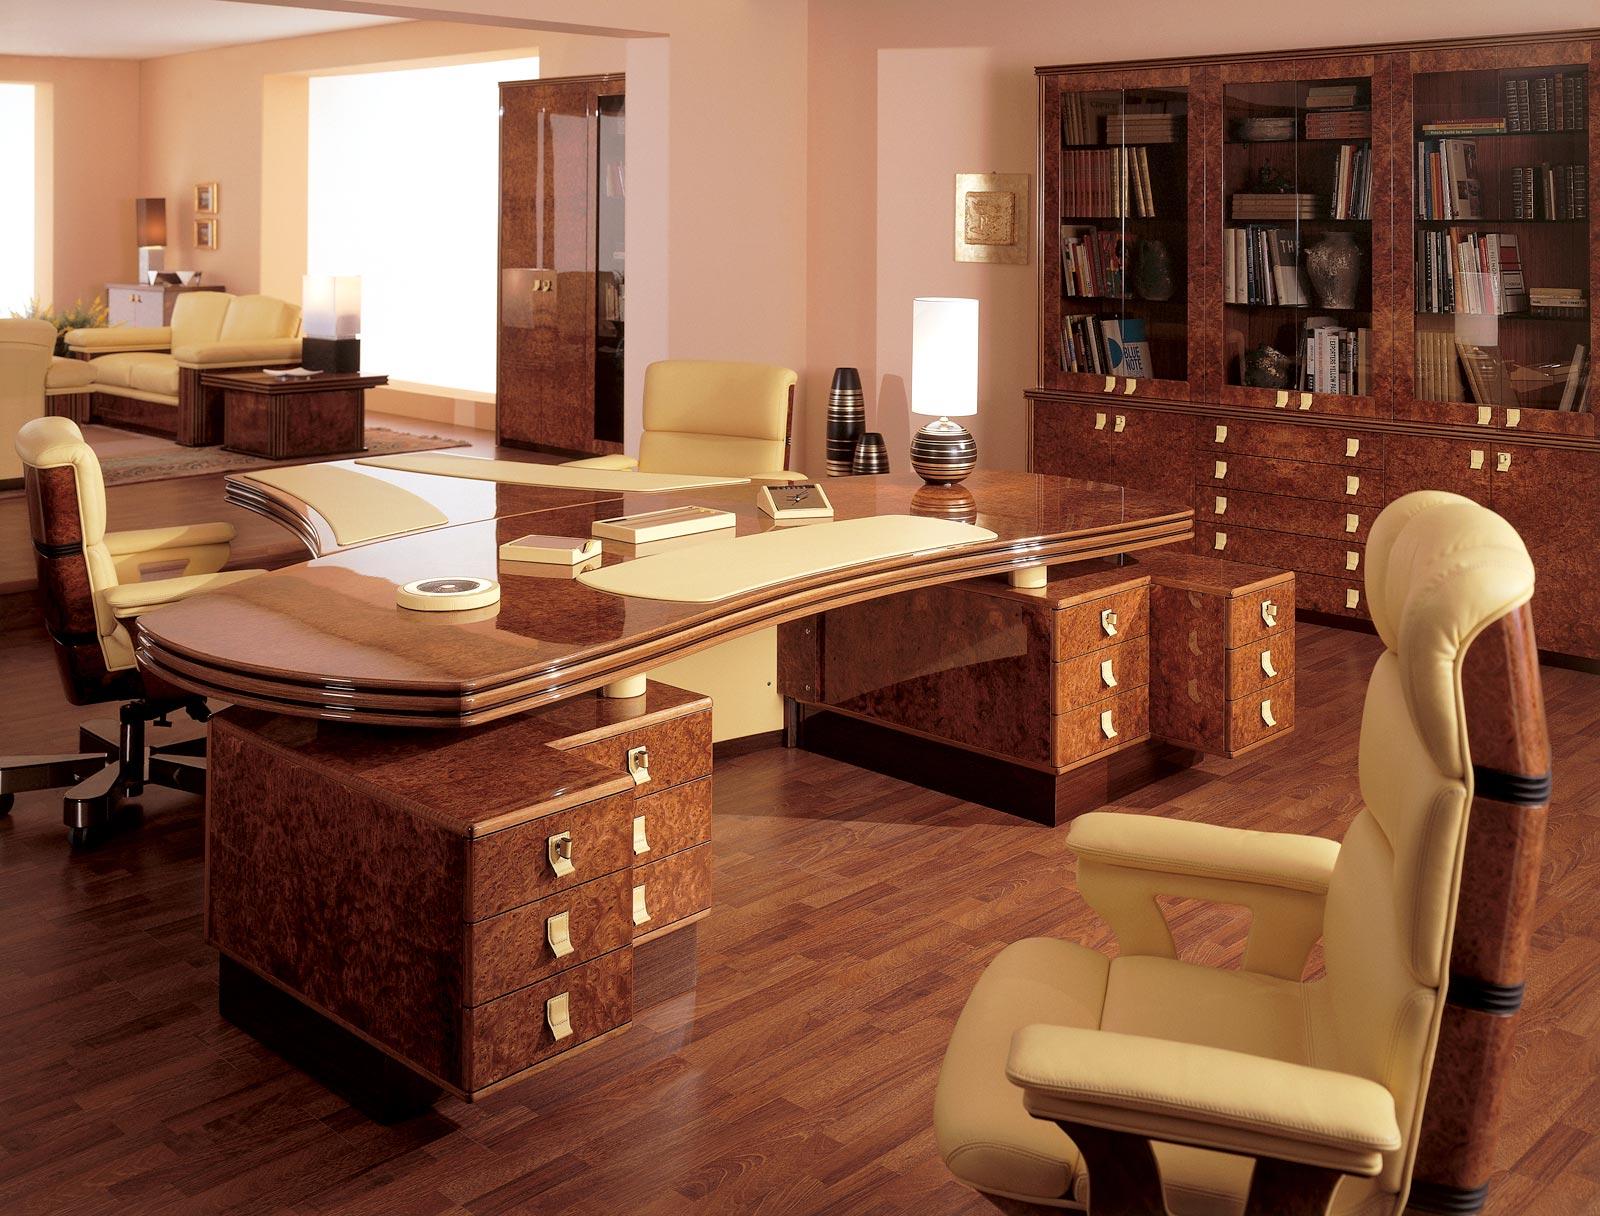 Arredare uno studio legale design italia for Mobili design italia